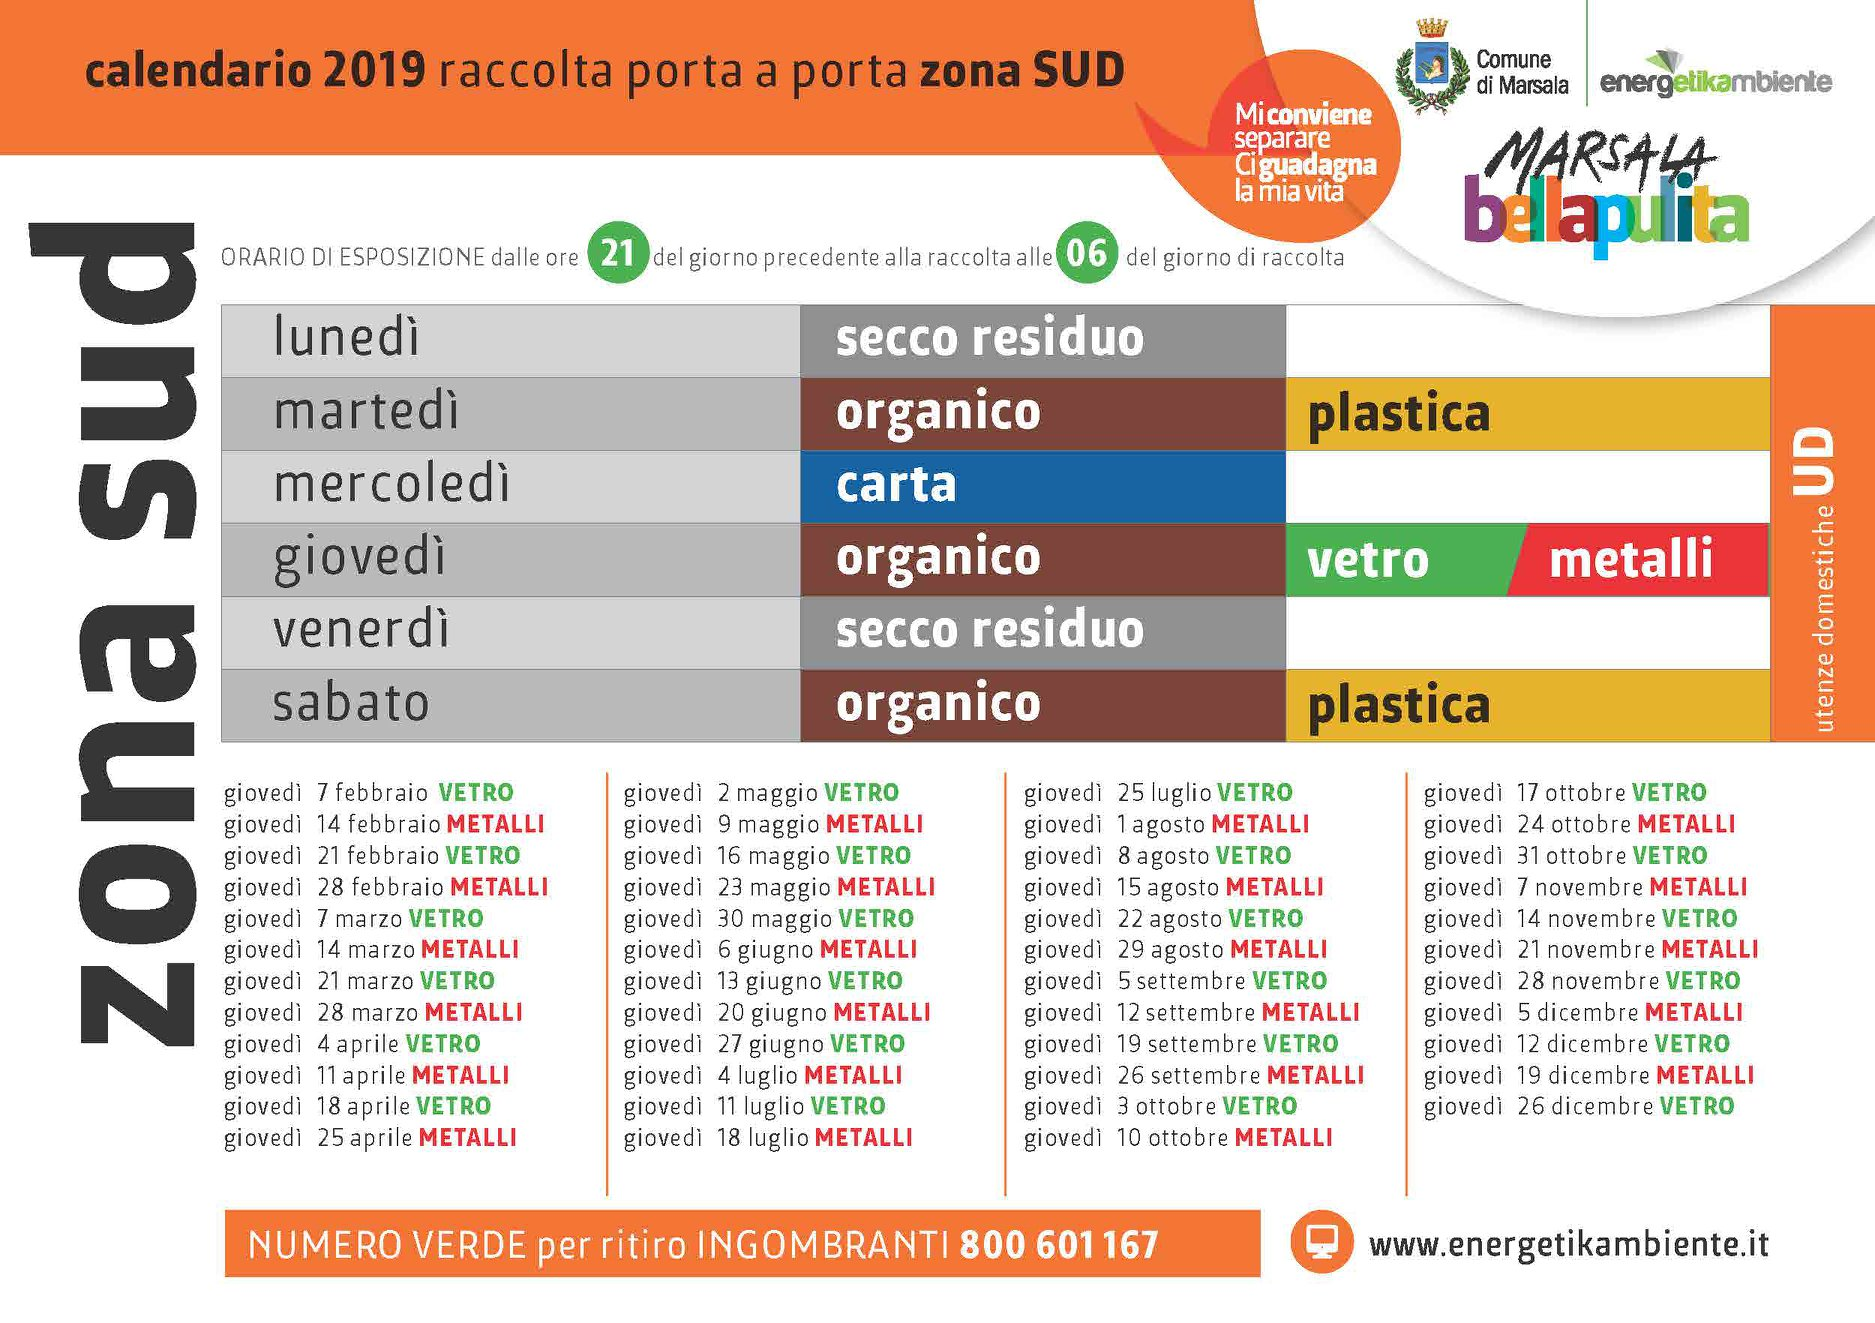 Calendario Raccolta Differenziata Sanremo.Marsala Raccolta Differenziata Nuovi Calendari In